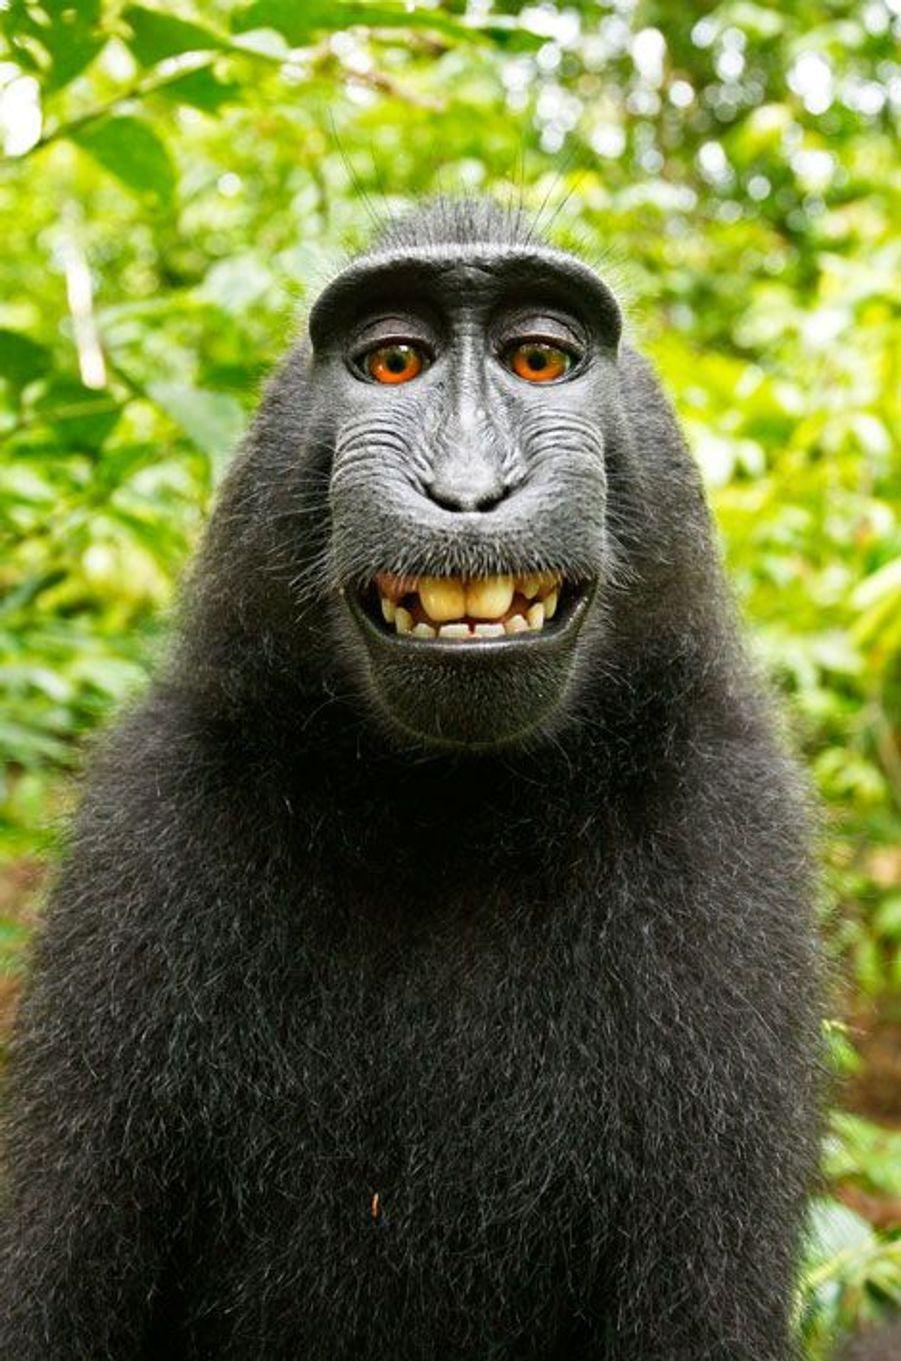 Naruto le singe n'a pas de droits sur ses selfies